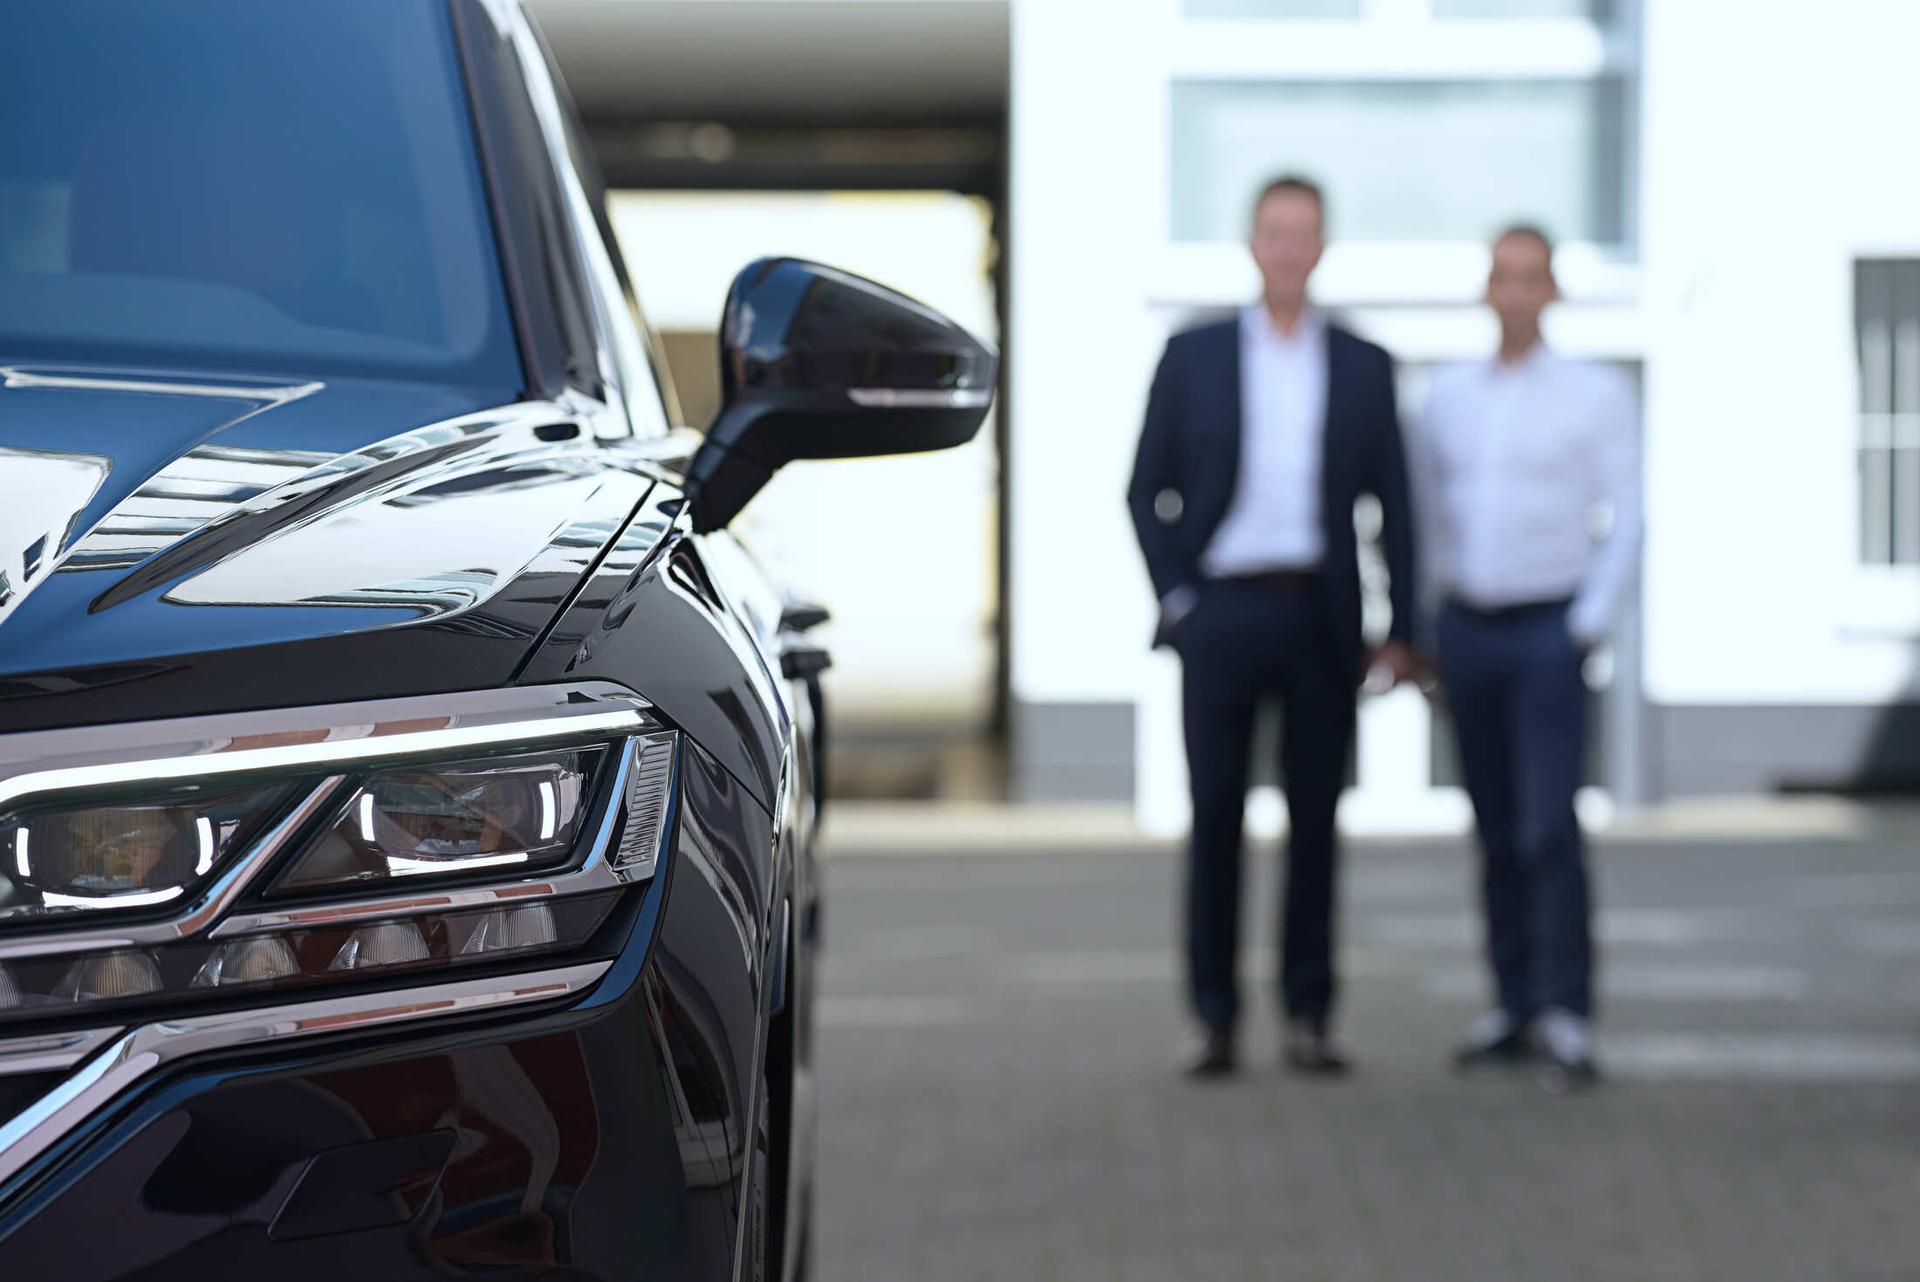 B2B Autohandel für Fahrzeughändler. Fahrzeuggroßhandel, Händlereinkauf, B2B. Profitieren Sie von den Vorteilen als registrierter B2B-Händler